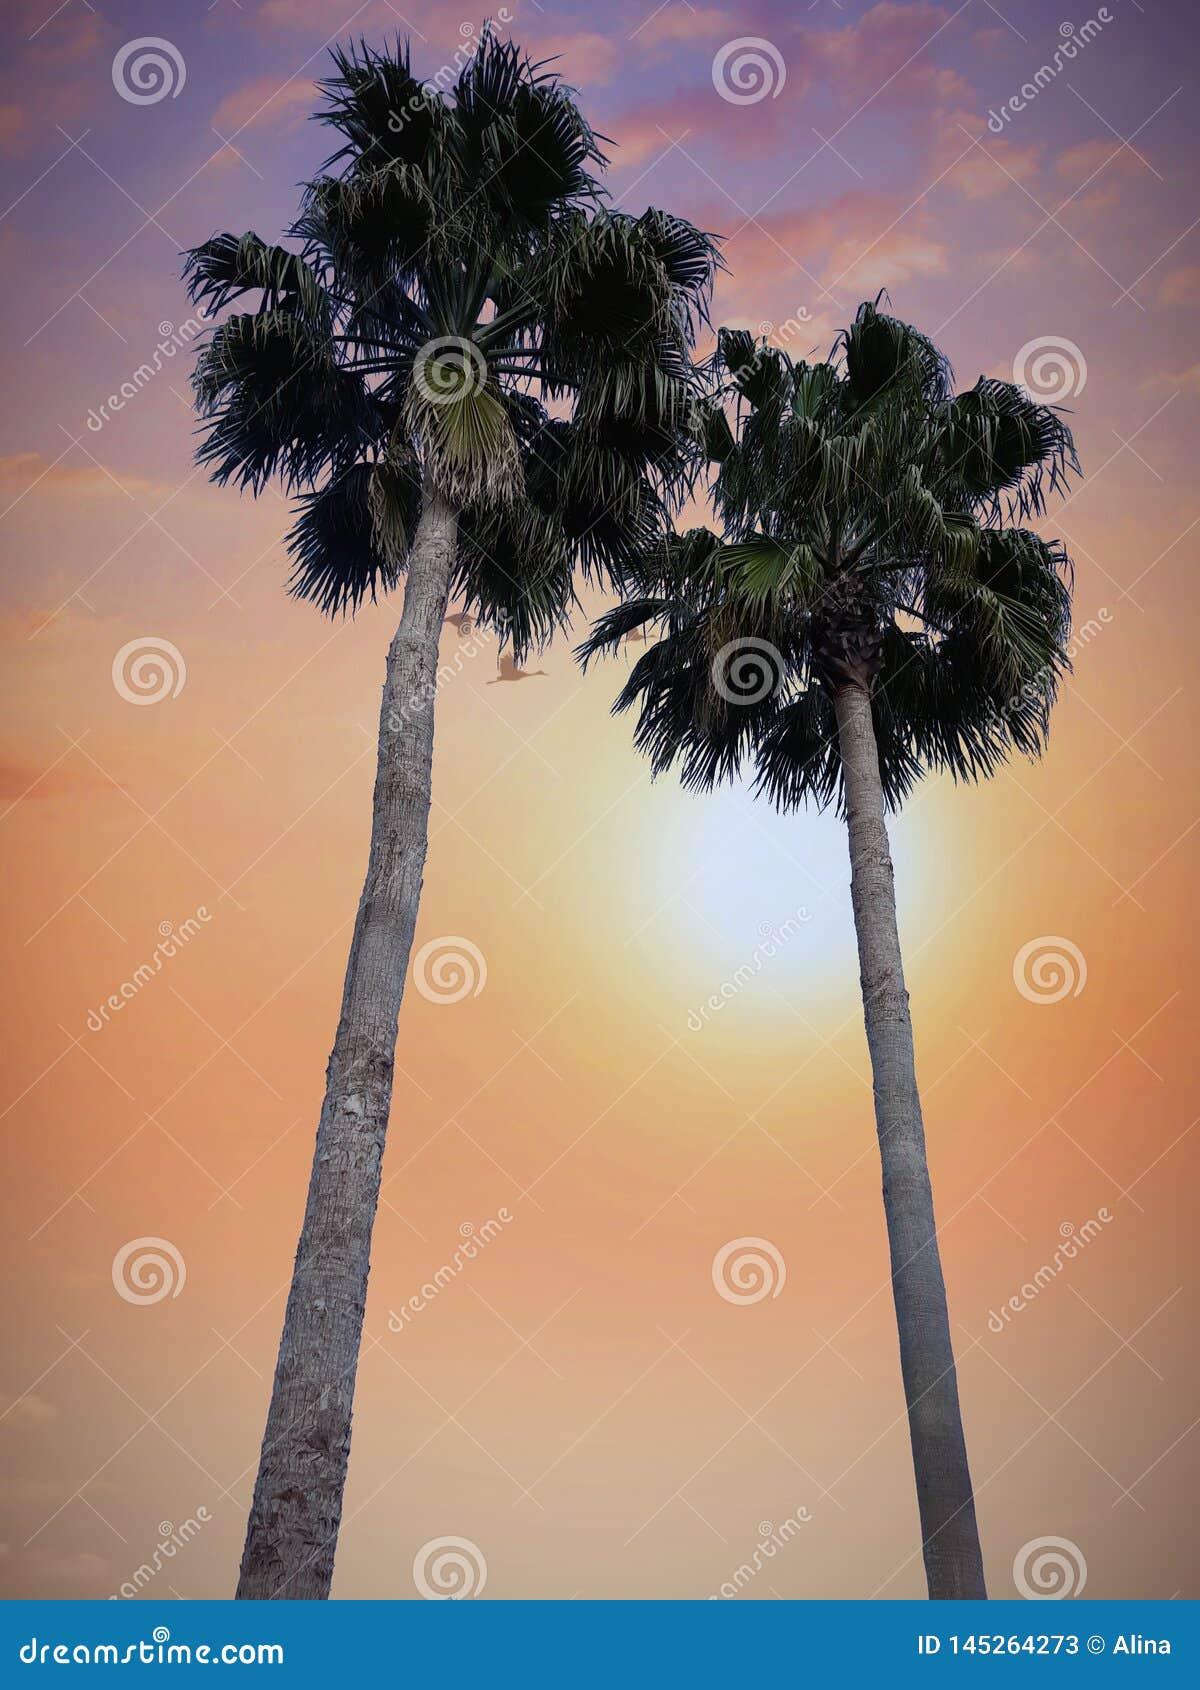 Drzewko palmowe zmierzchu spacer kwitnie pomarańczowego wieczór